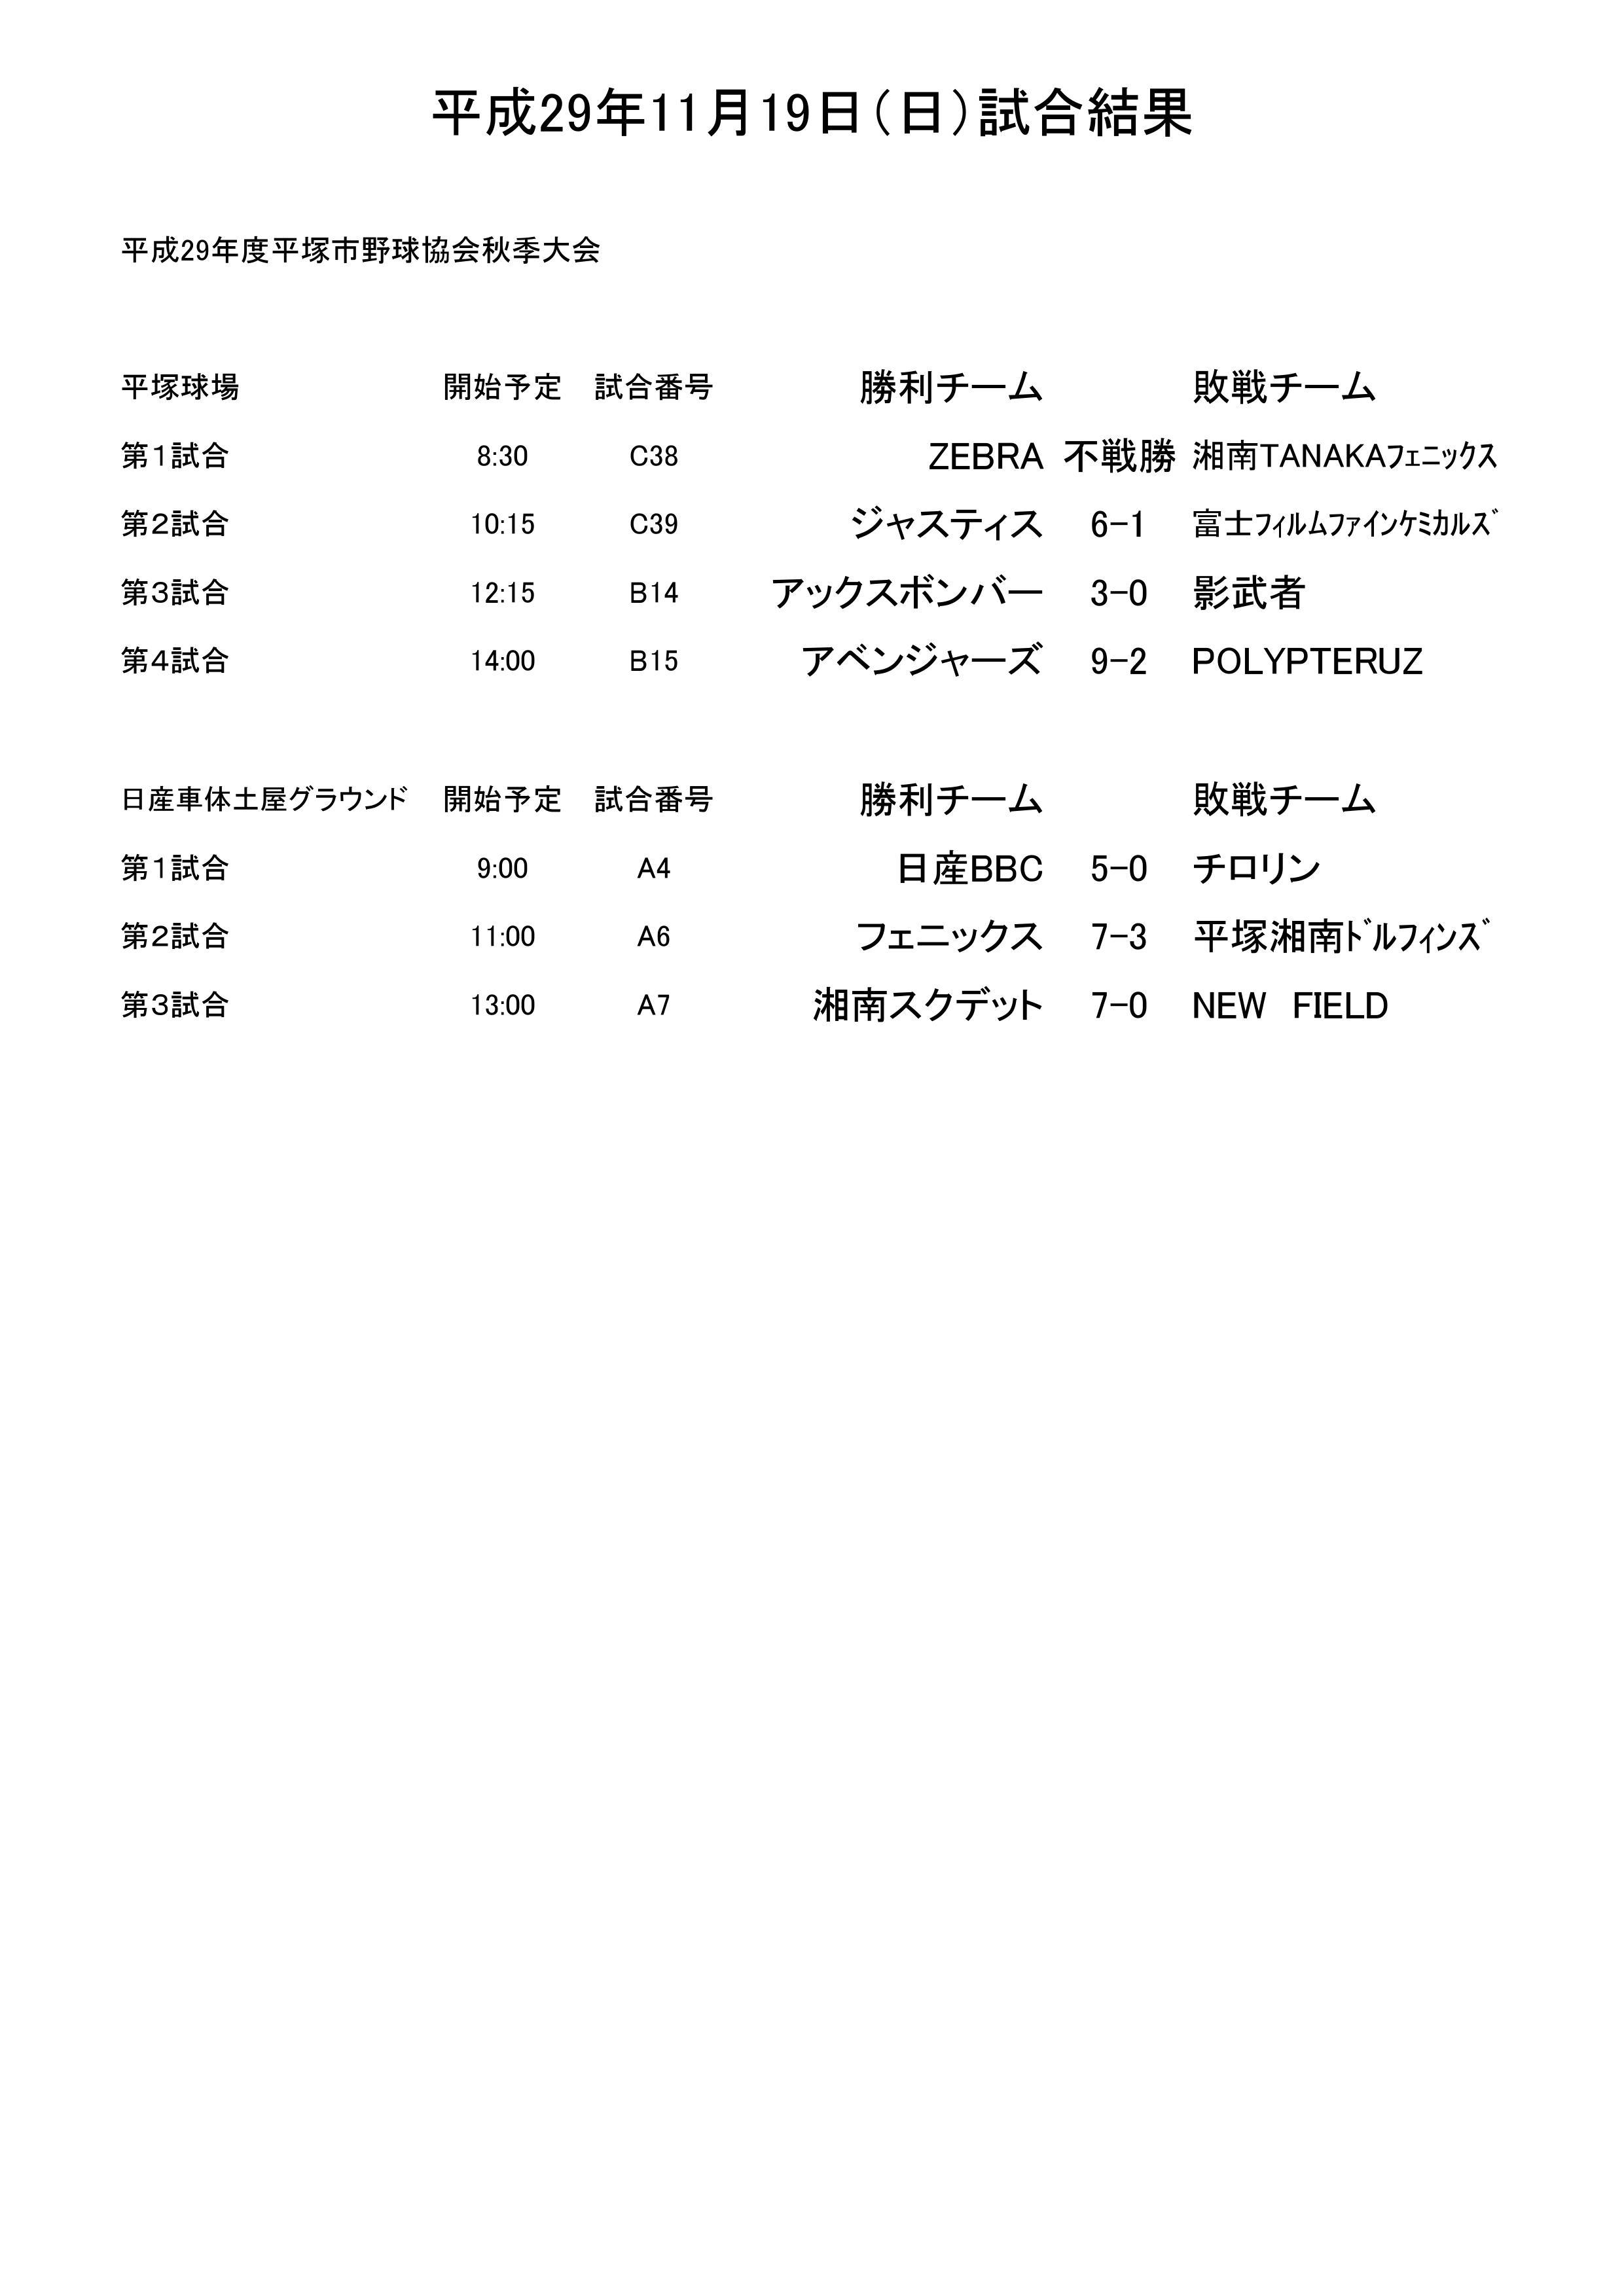 11/19試合結果